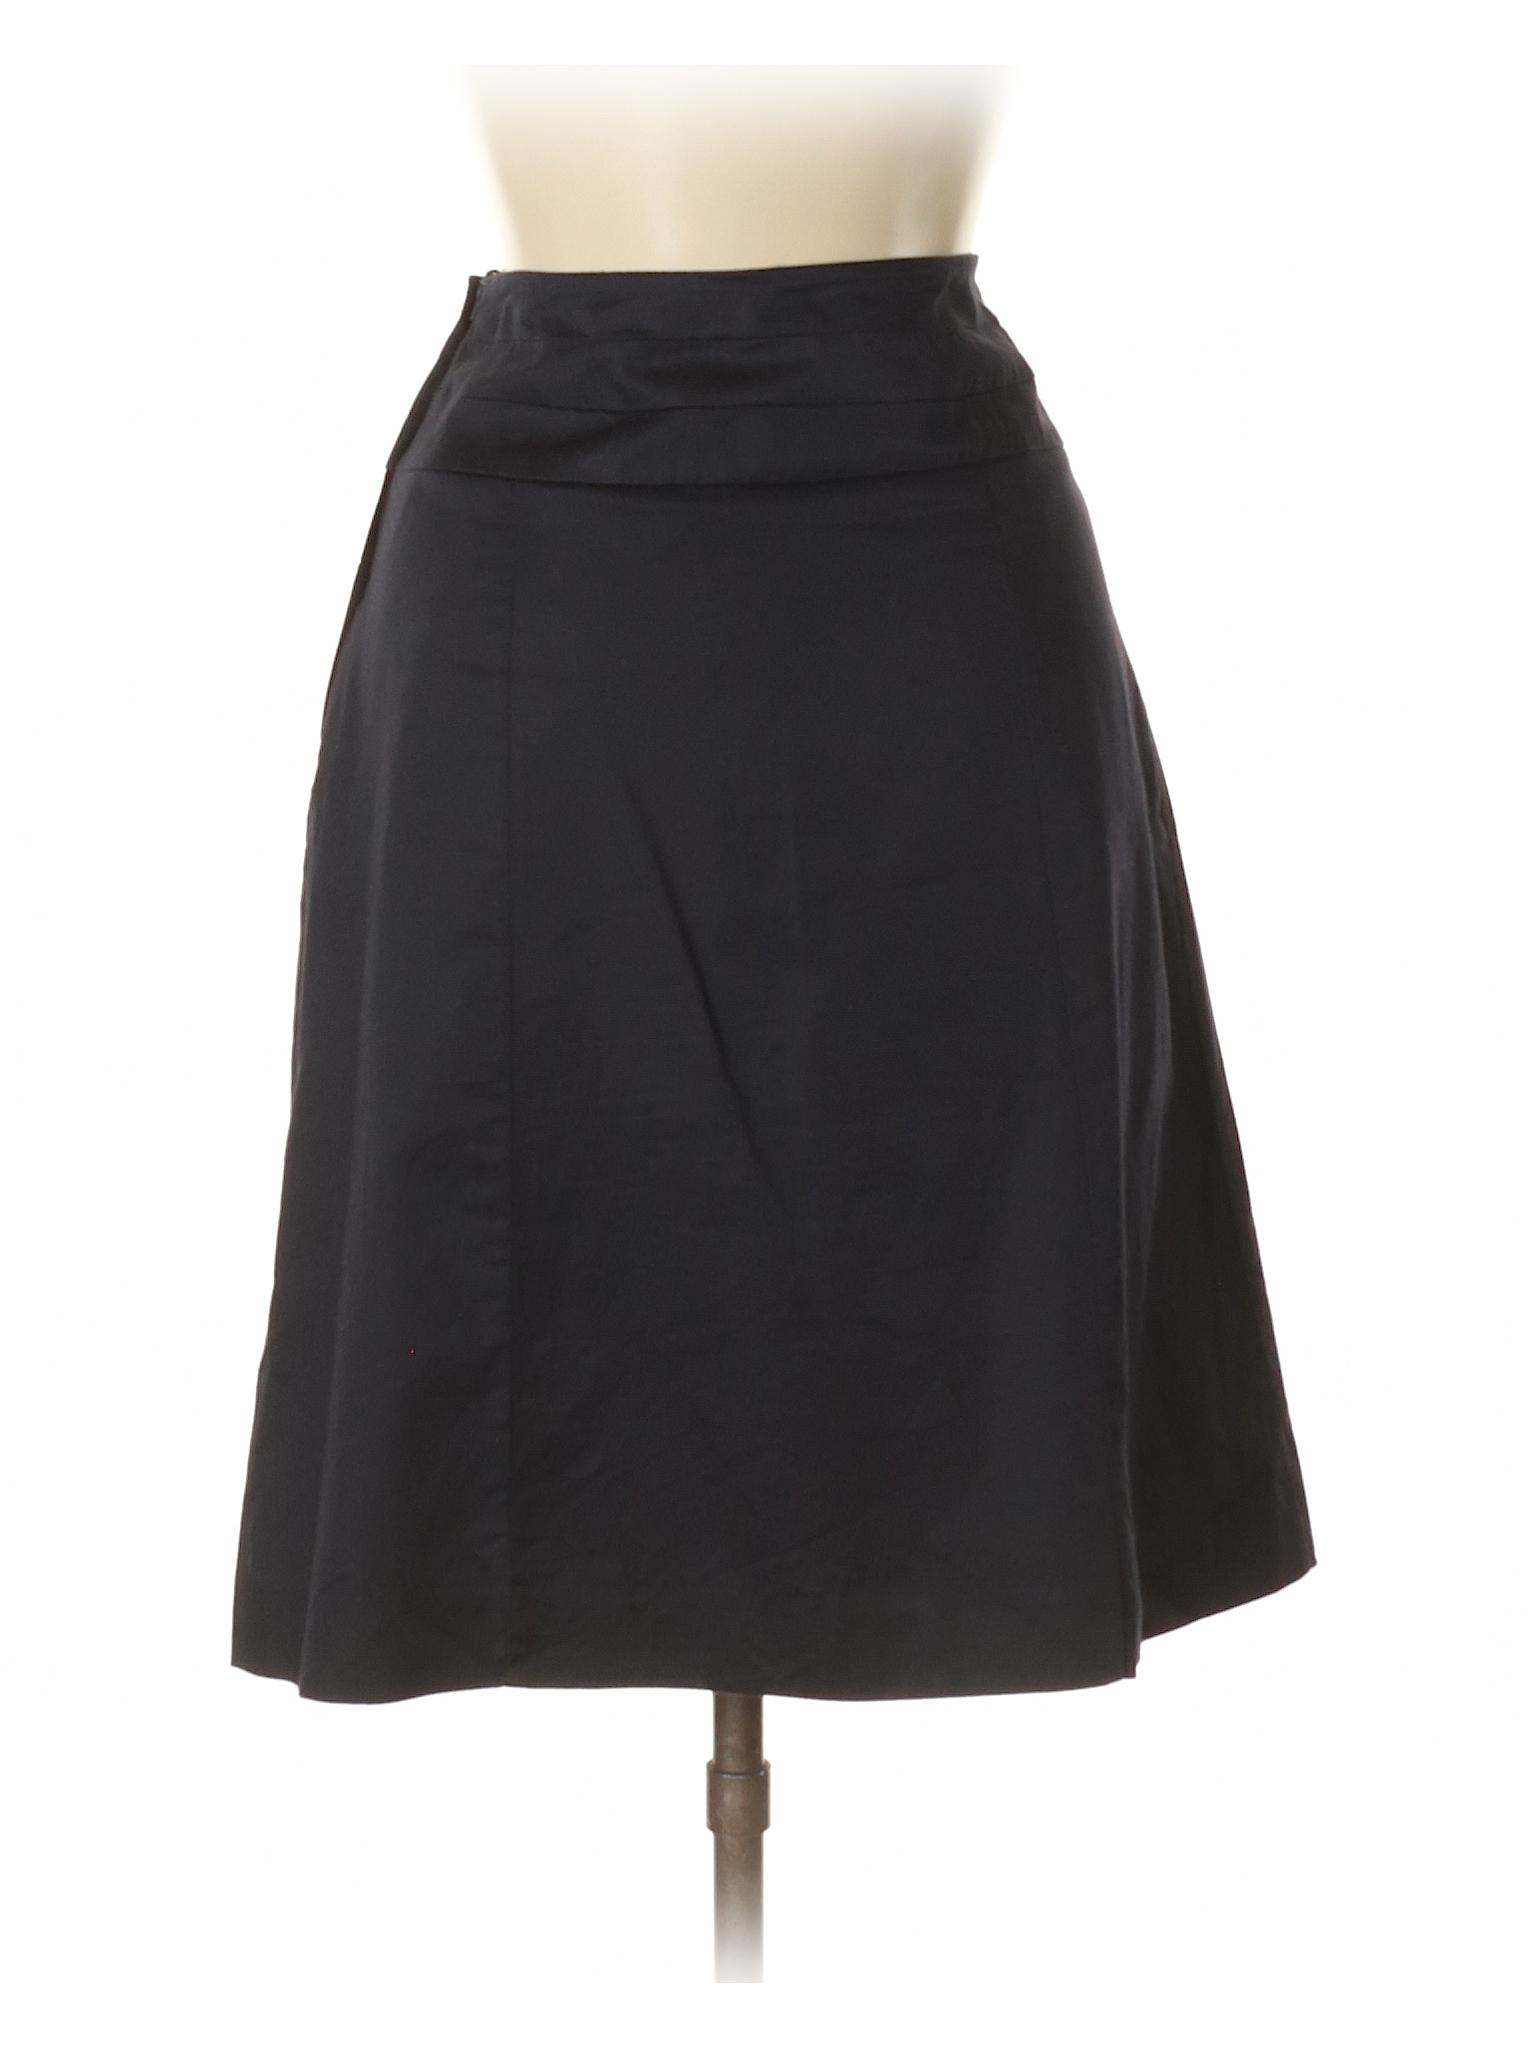 H Boutique H Casual Skirt amp;M Boutique amp;M ftZOq